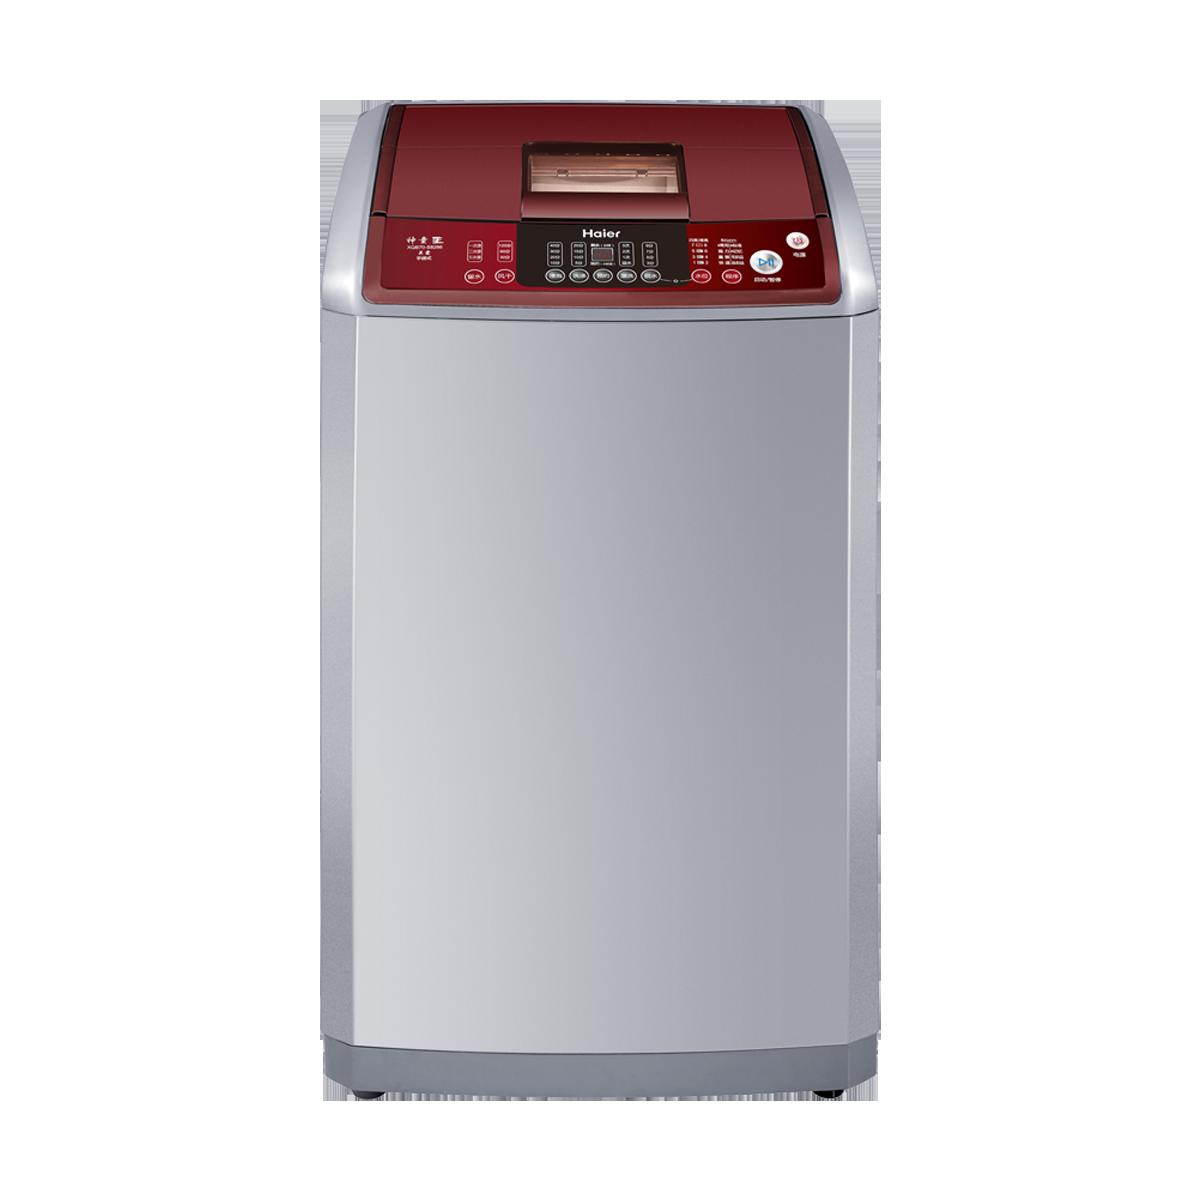 海尔Haier洗衣机 XQB70-S8286 说明书